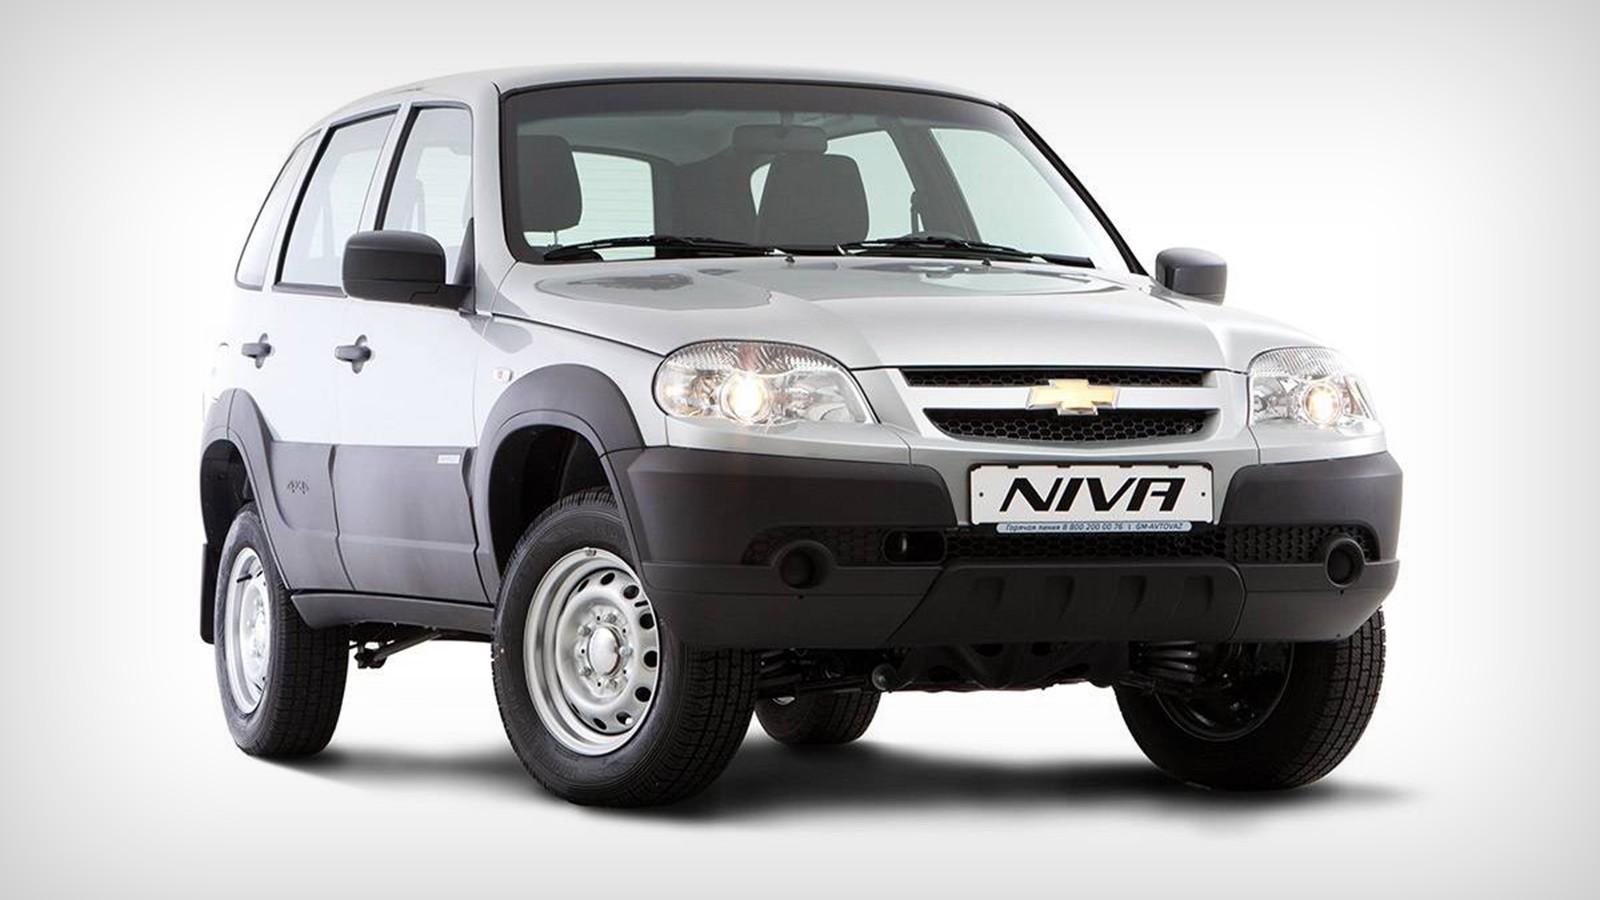 На фото: Chevrolet Niva L. С учётом специального предложения стартовая цена на Chevrolet Niva в базовой комплектации L начинается от 499 000рублей. Выгода составляет 85 000 рублей